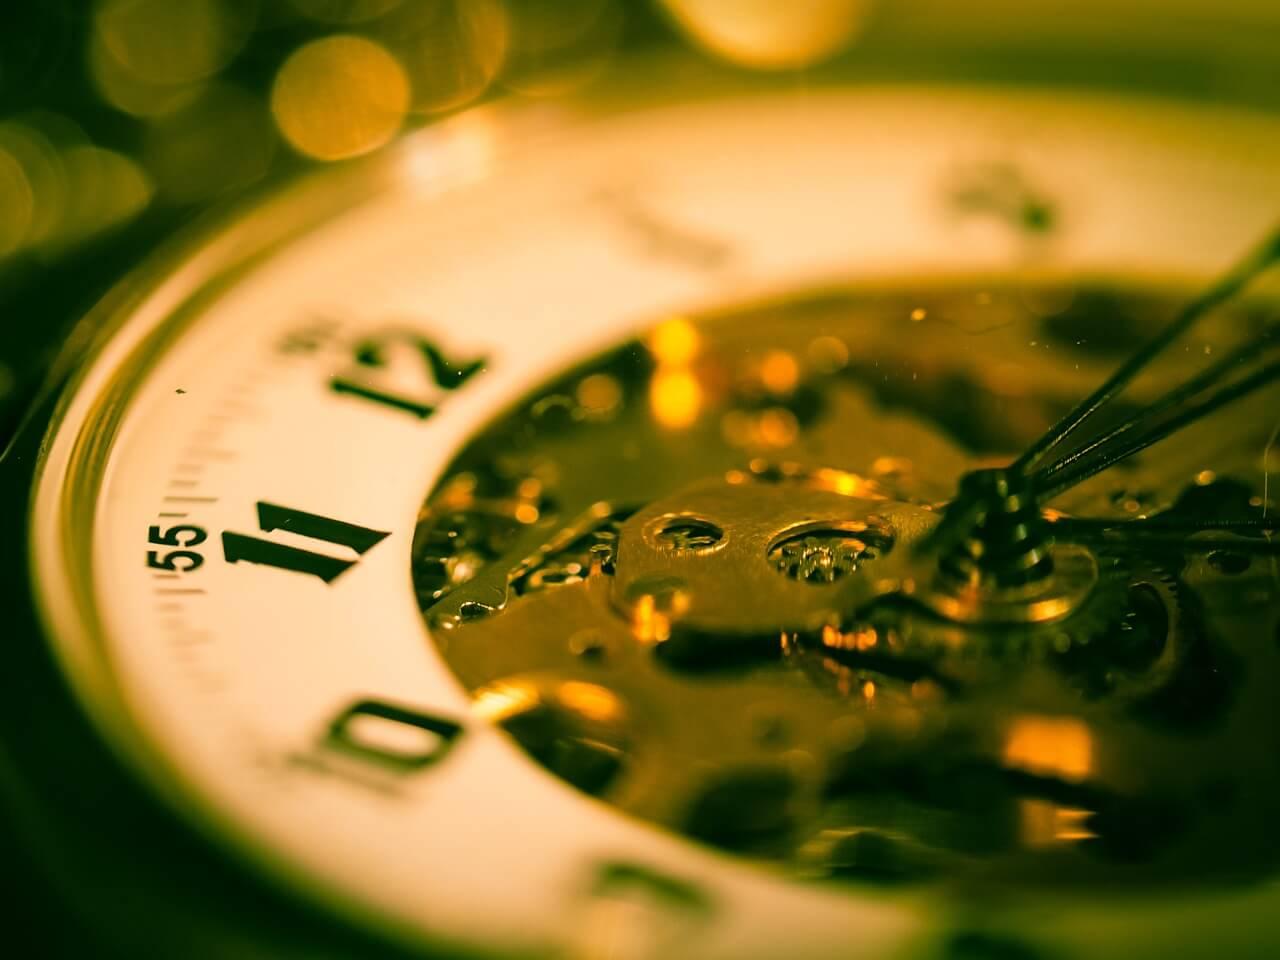 Gedichte über Liebe & Leben – Es dauert nur eine Minute